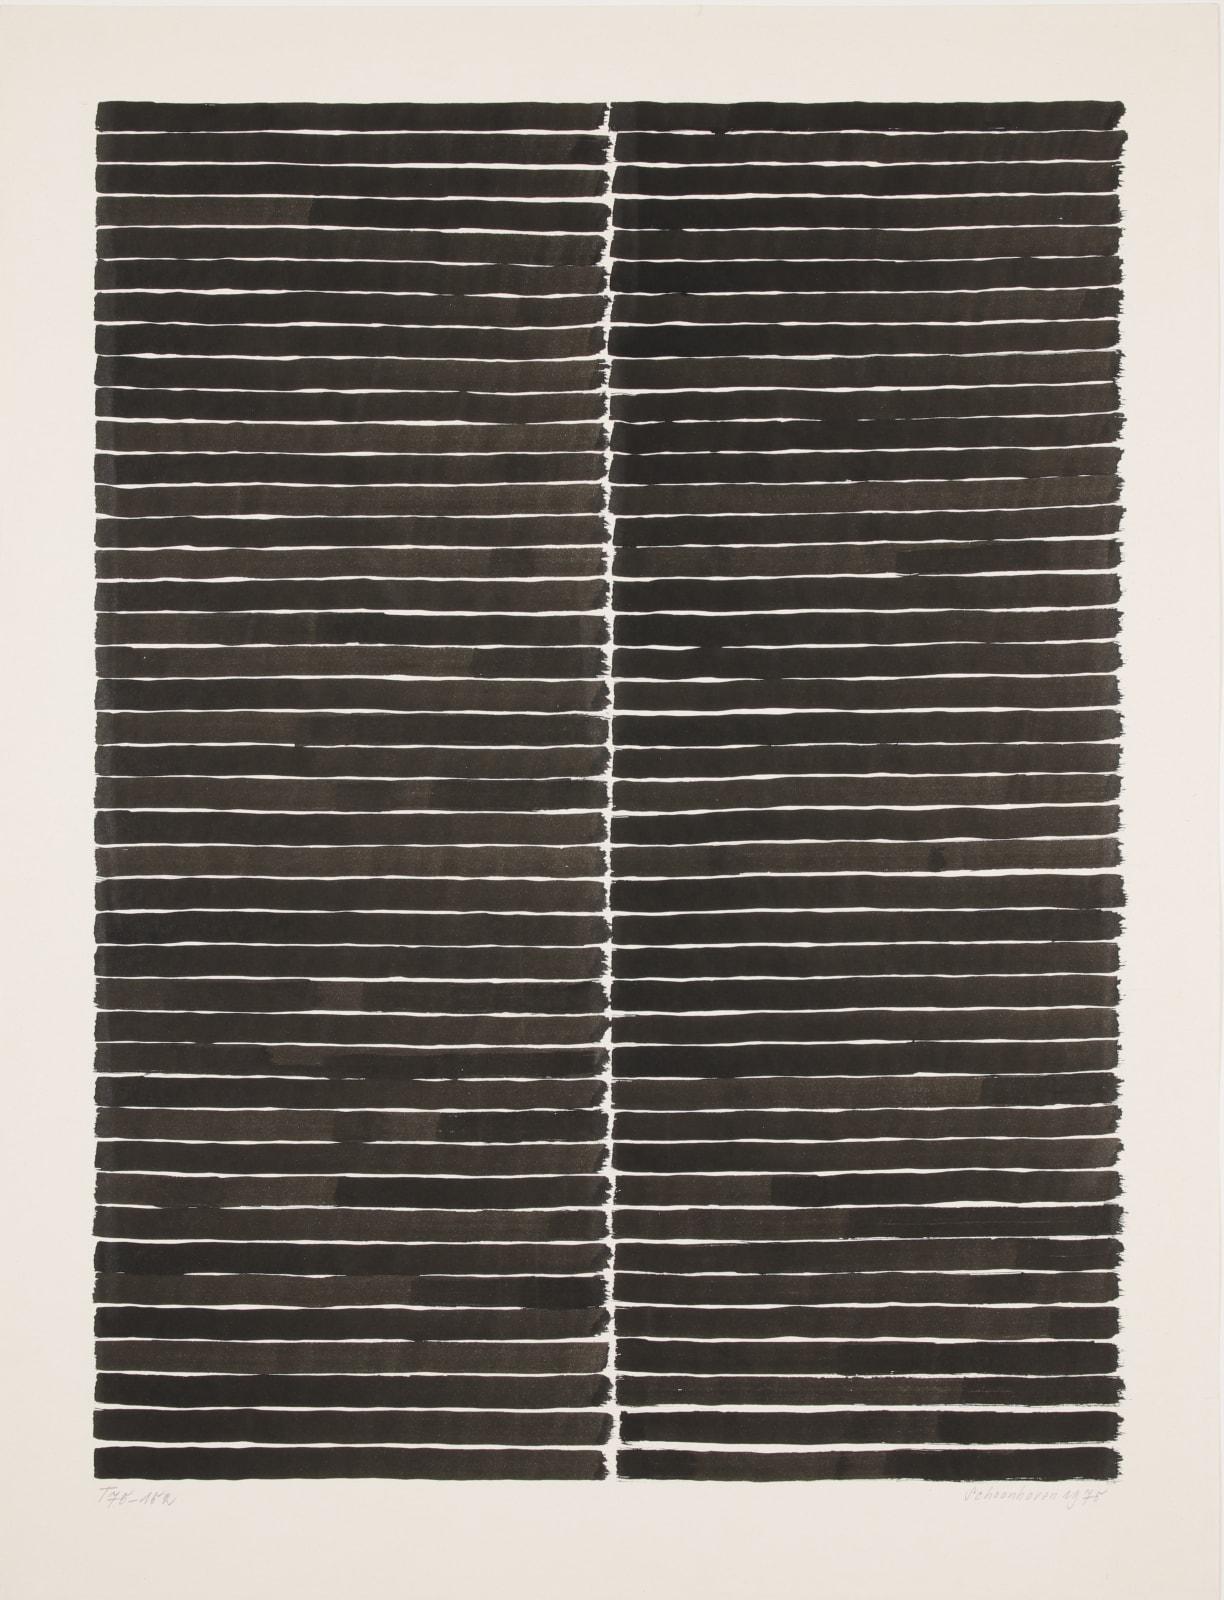 JAN SCHOONHOVEN, T 75-152, 1975